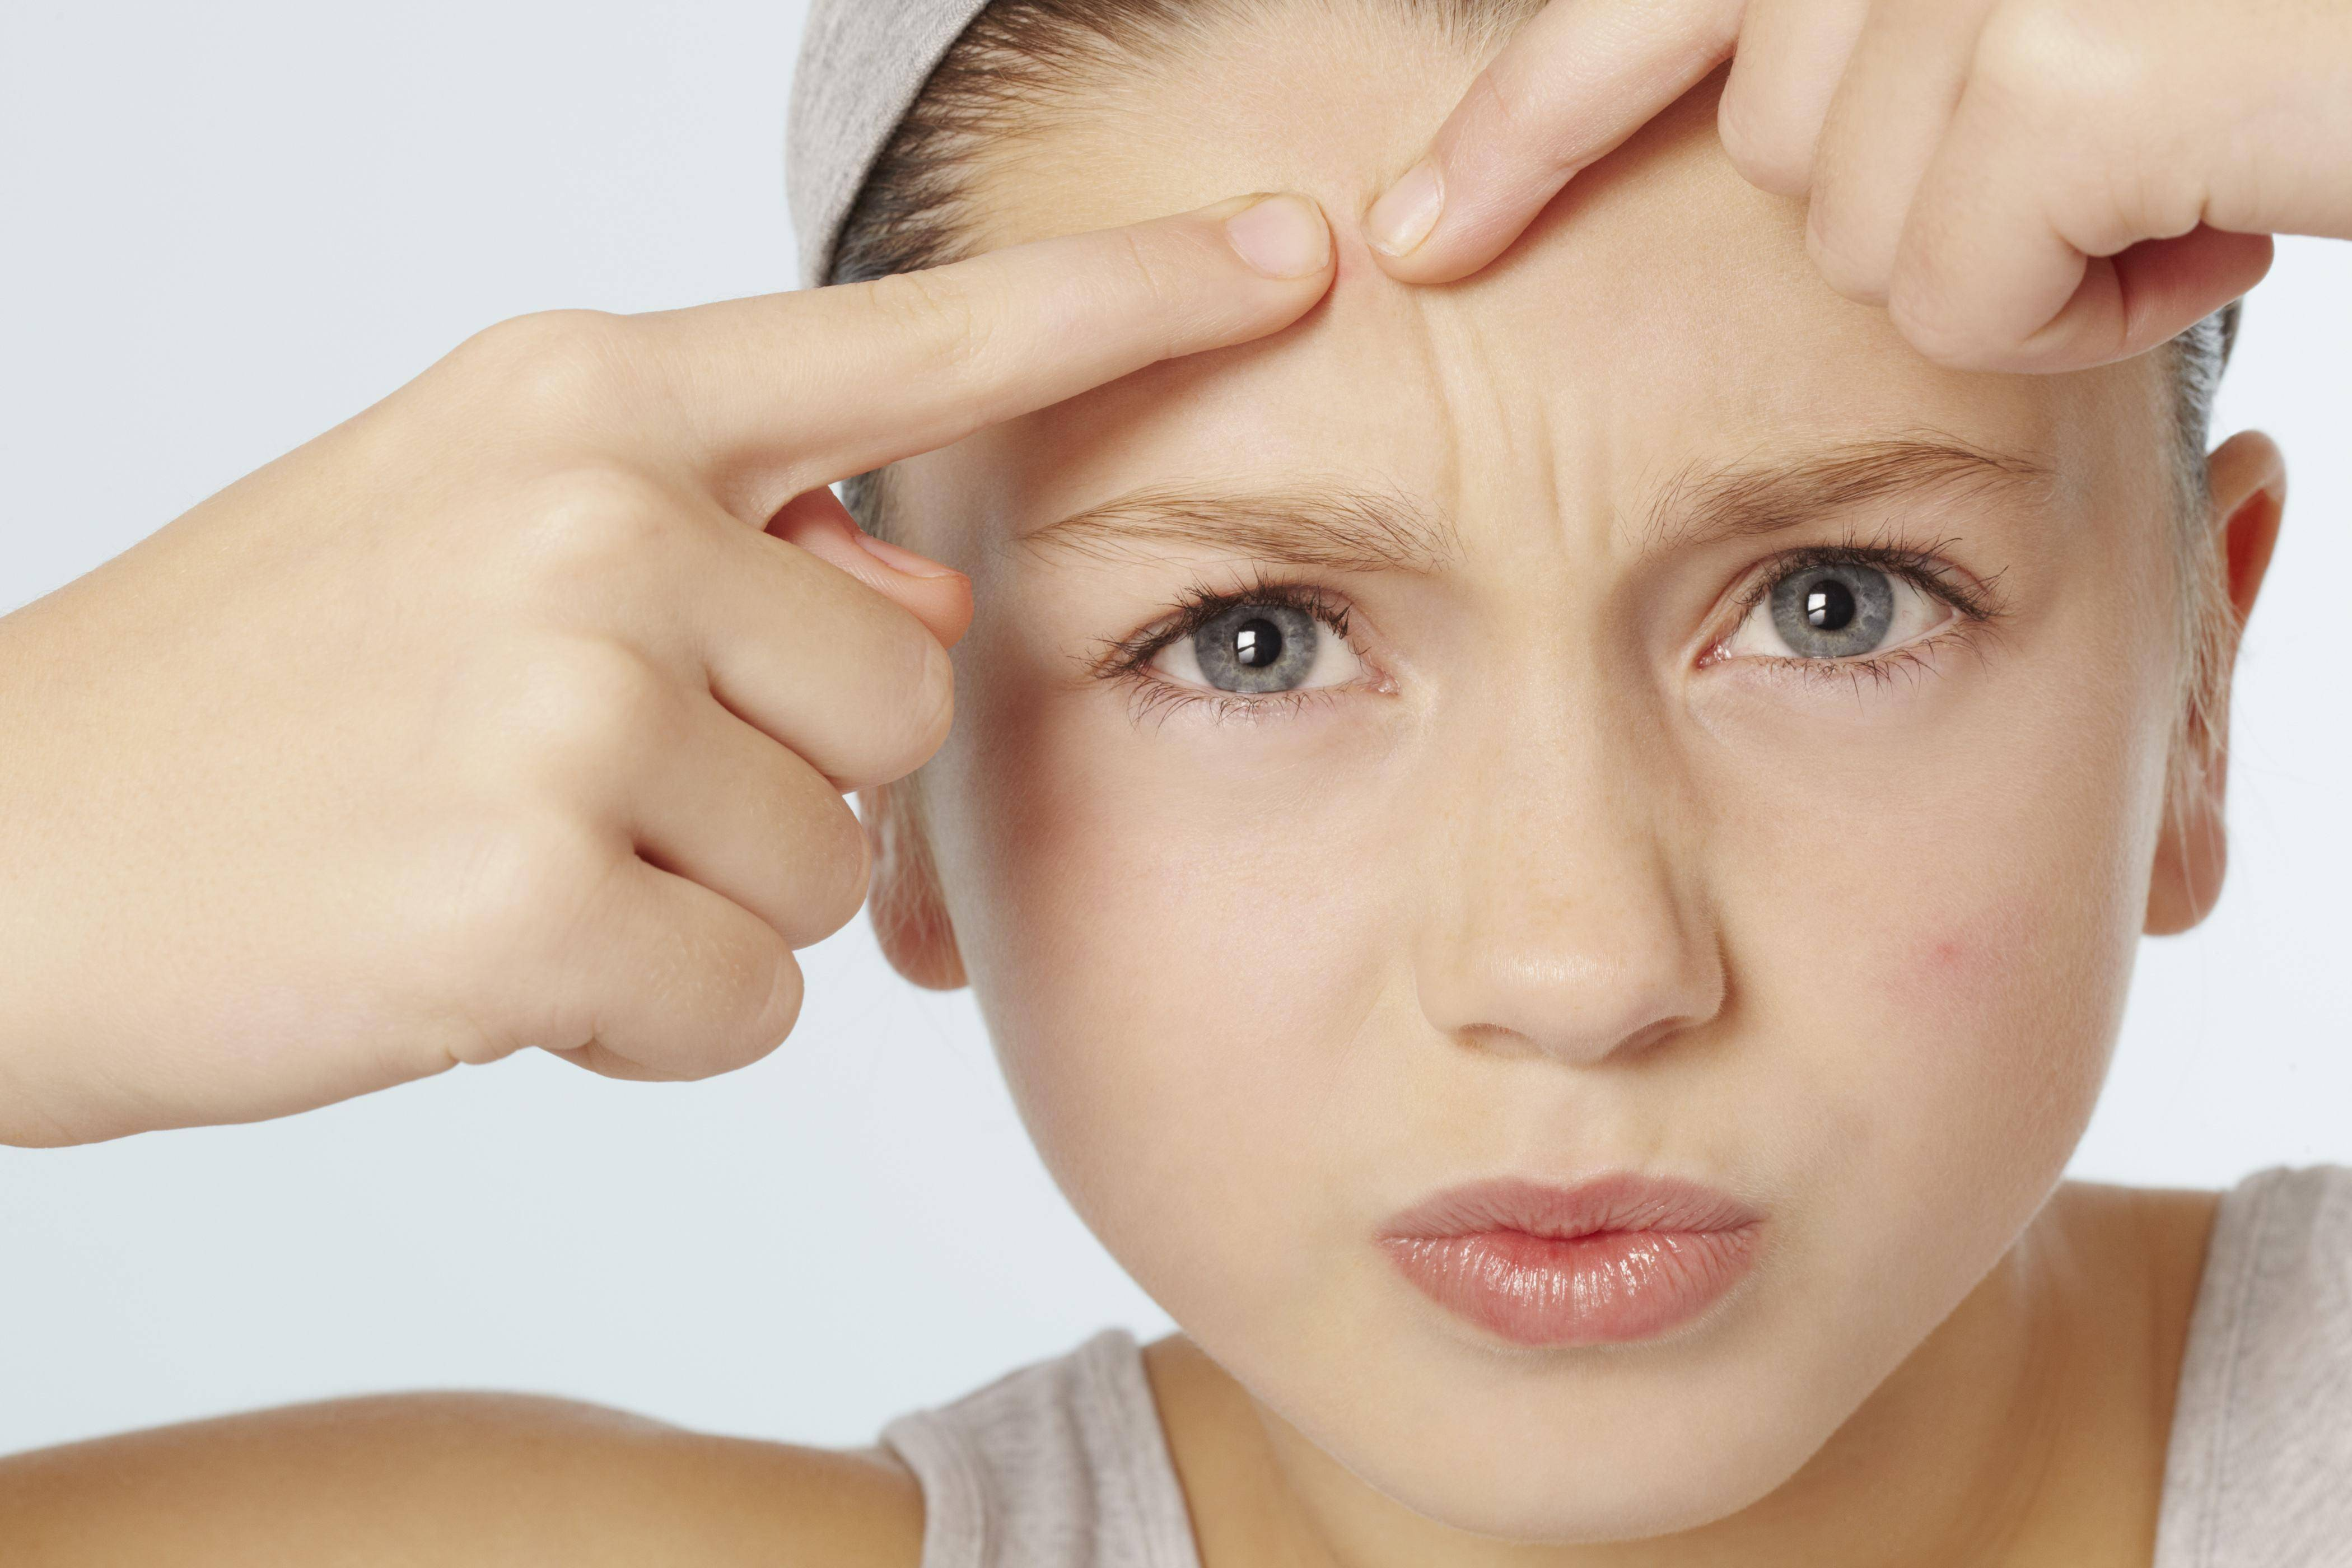 Лечение акне у подростков. советы и рекомендации, с фото